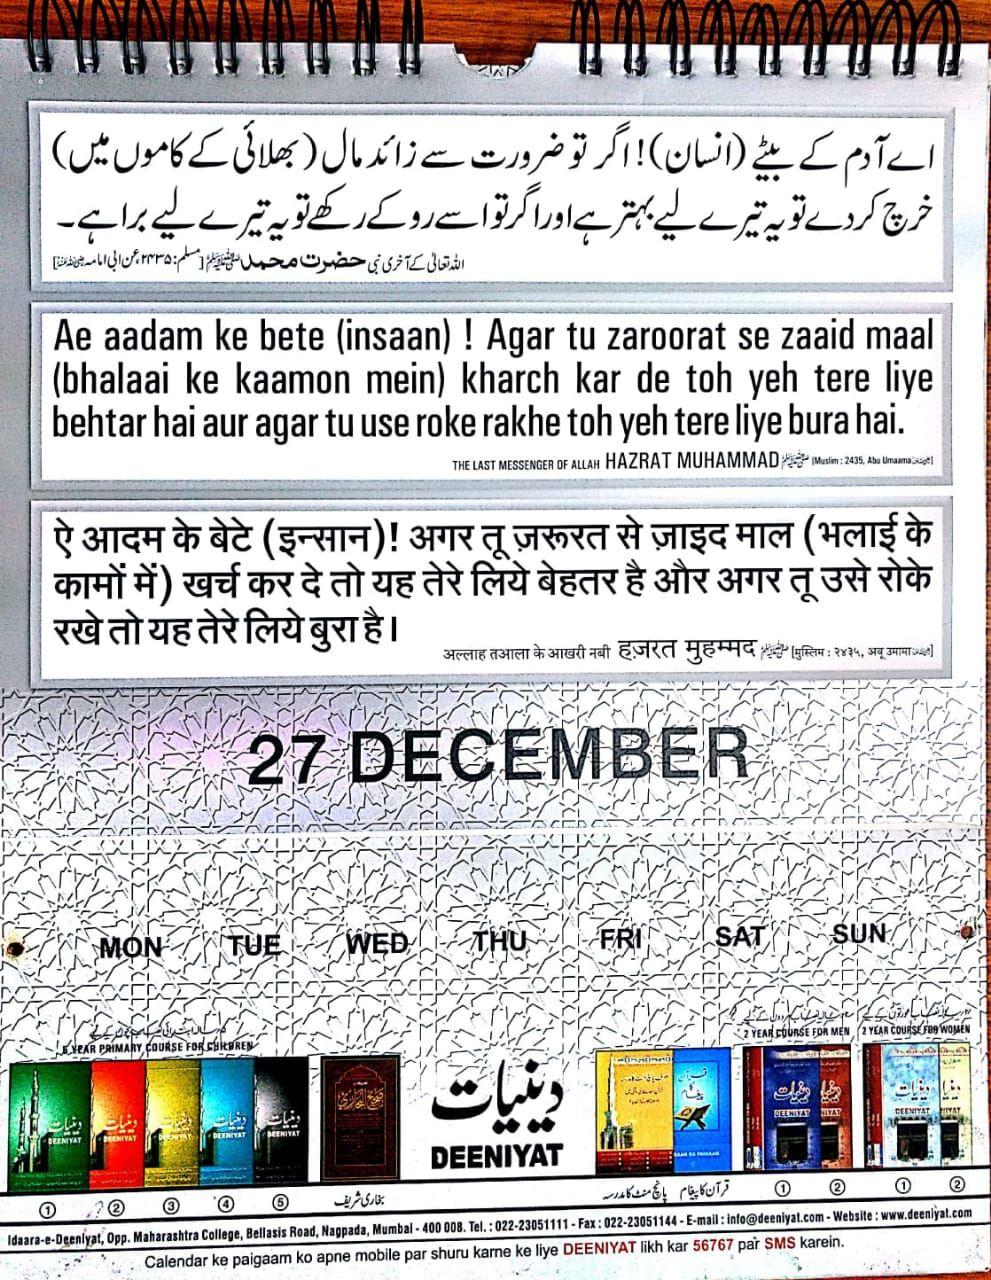 deeniyat calendar